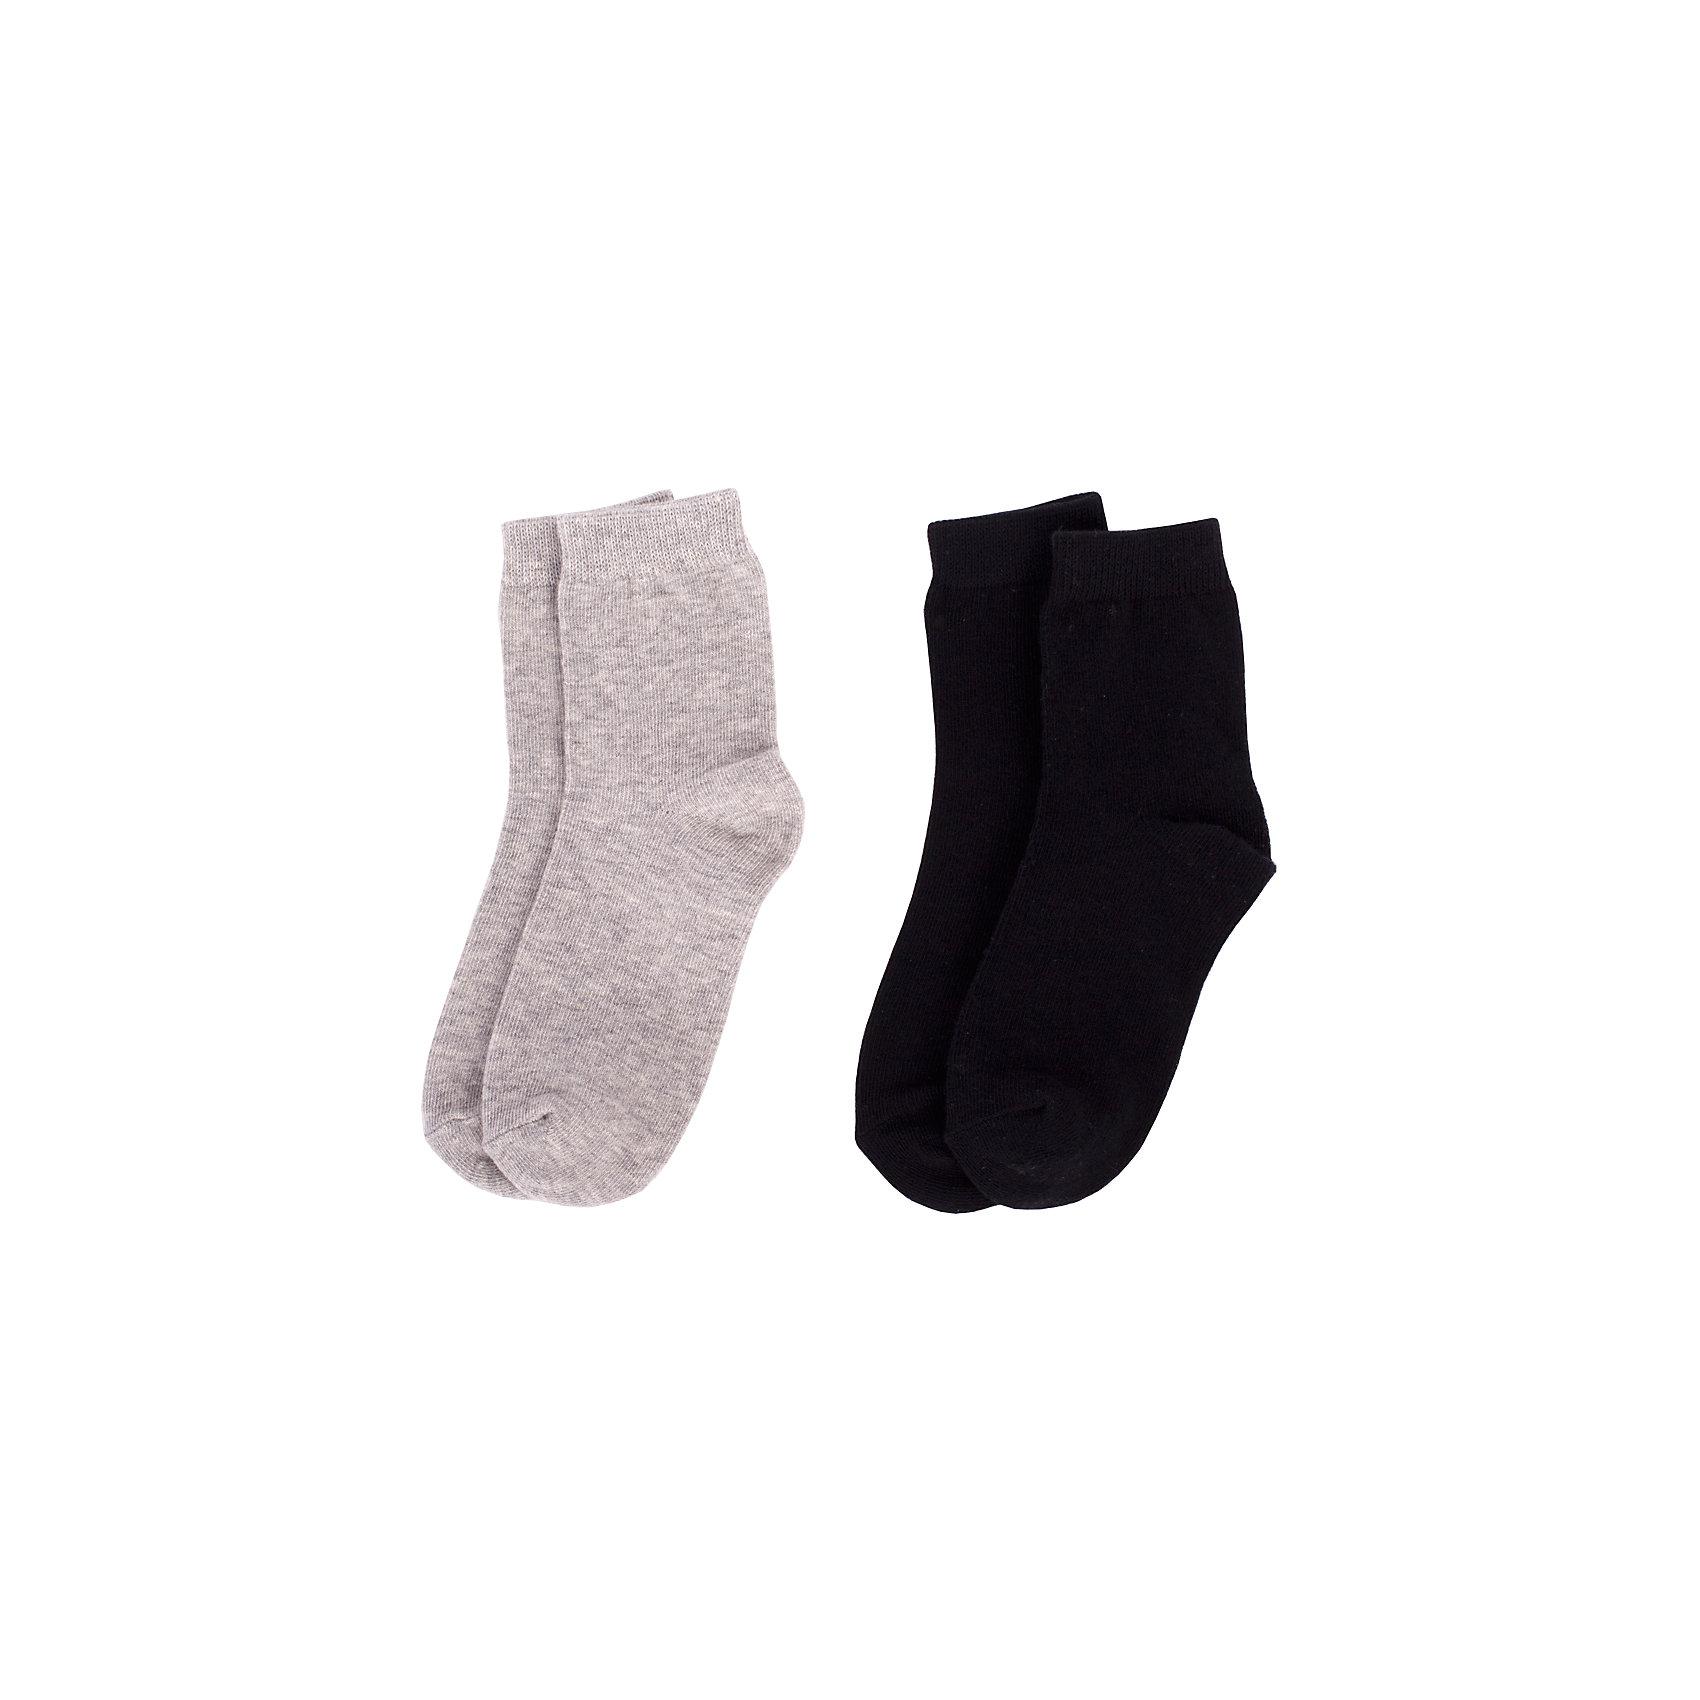 Носки BUTTON BLUE для мальчикаНоски<br>Носки BUTTON BLUE для мальчика<br>Детские носки - необходимая вещь на каждый день. И их в гардеробе ребенка должно быть немало. Если вы решили дополнить осенне-зимний гардероб ребенка хлопковыми носками, вам необходимо купить комплект из трех пар. Вы думаете, что хорошие и недорогие носки - это невозможно? Носки от Button Blue убедят вас в обратном!<br>Состав:<br>80%хлопок 18%полиамид 2% эластан<br><br>Ширина мм: 87<br>Глубина мм: 10<br>Высота мм: 105<br>Вес г: 115<br>Цвет: черный/серый<br>Возраст от месяцев: 15<br>Возраст до месяцев: 18<br>Пол: Мужской<br>Возраст: Детский<br>Размер: 22,14,16,20<br>SKU: 7039412